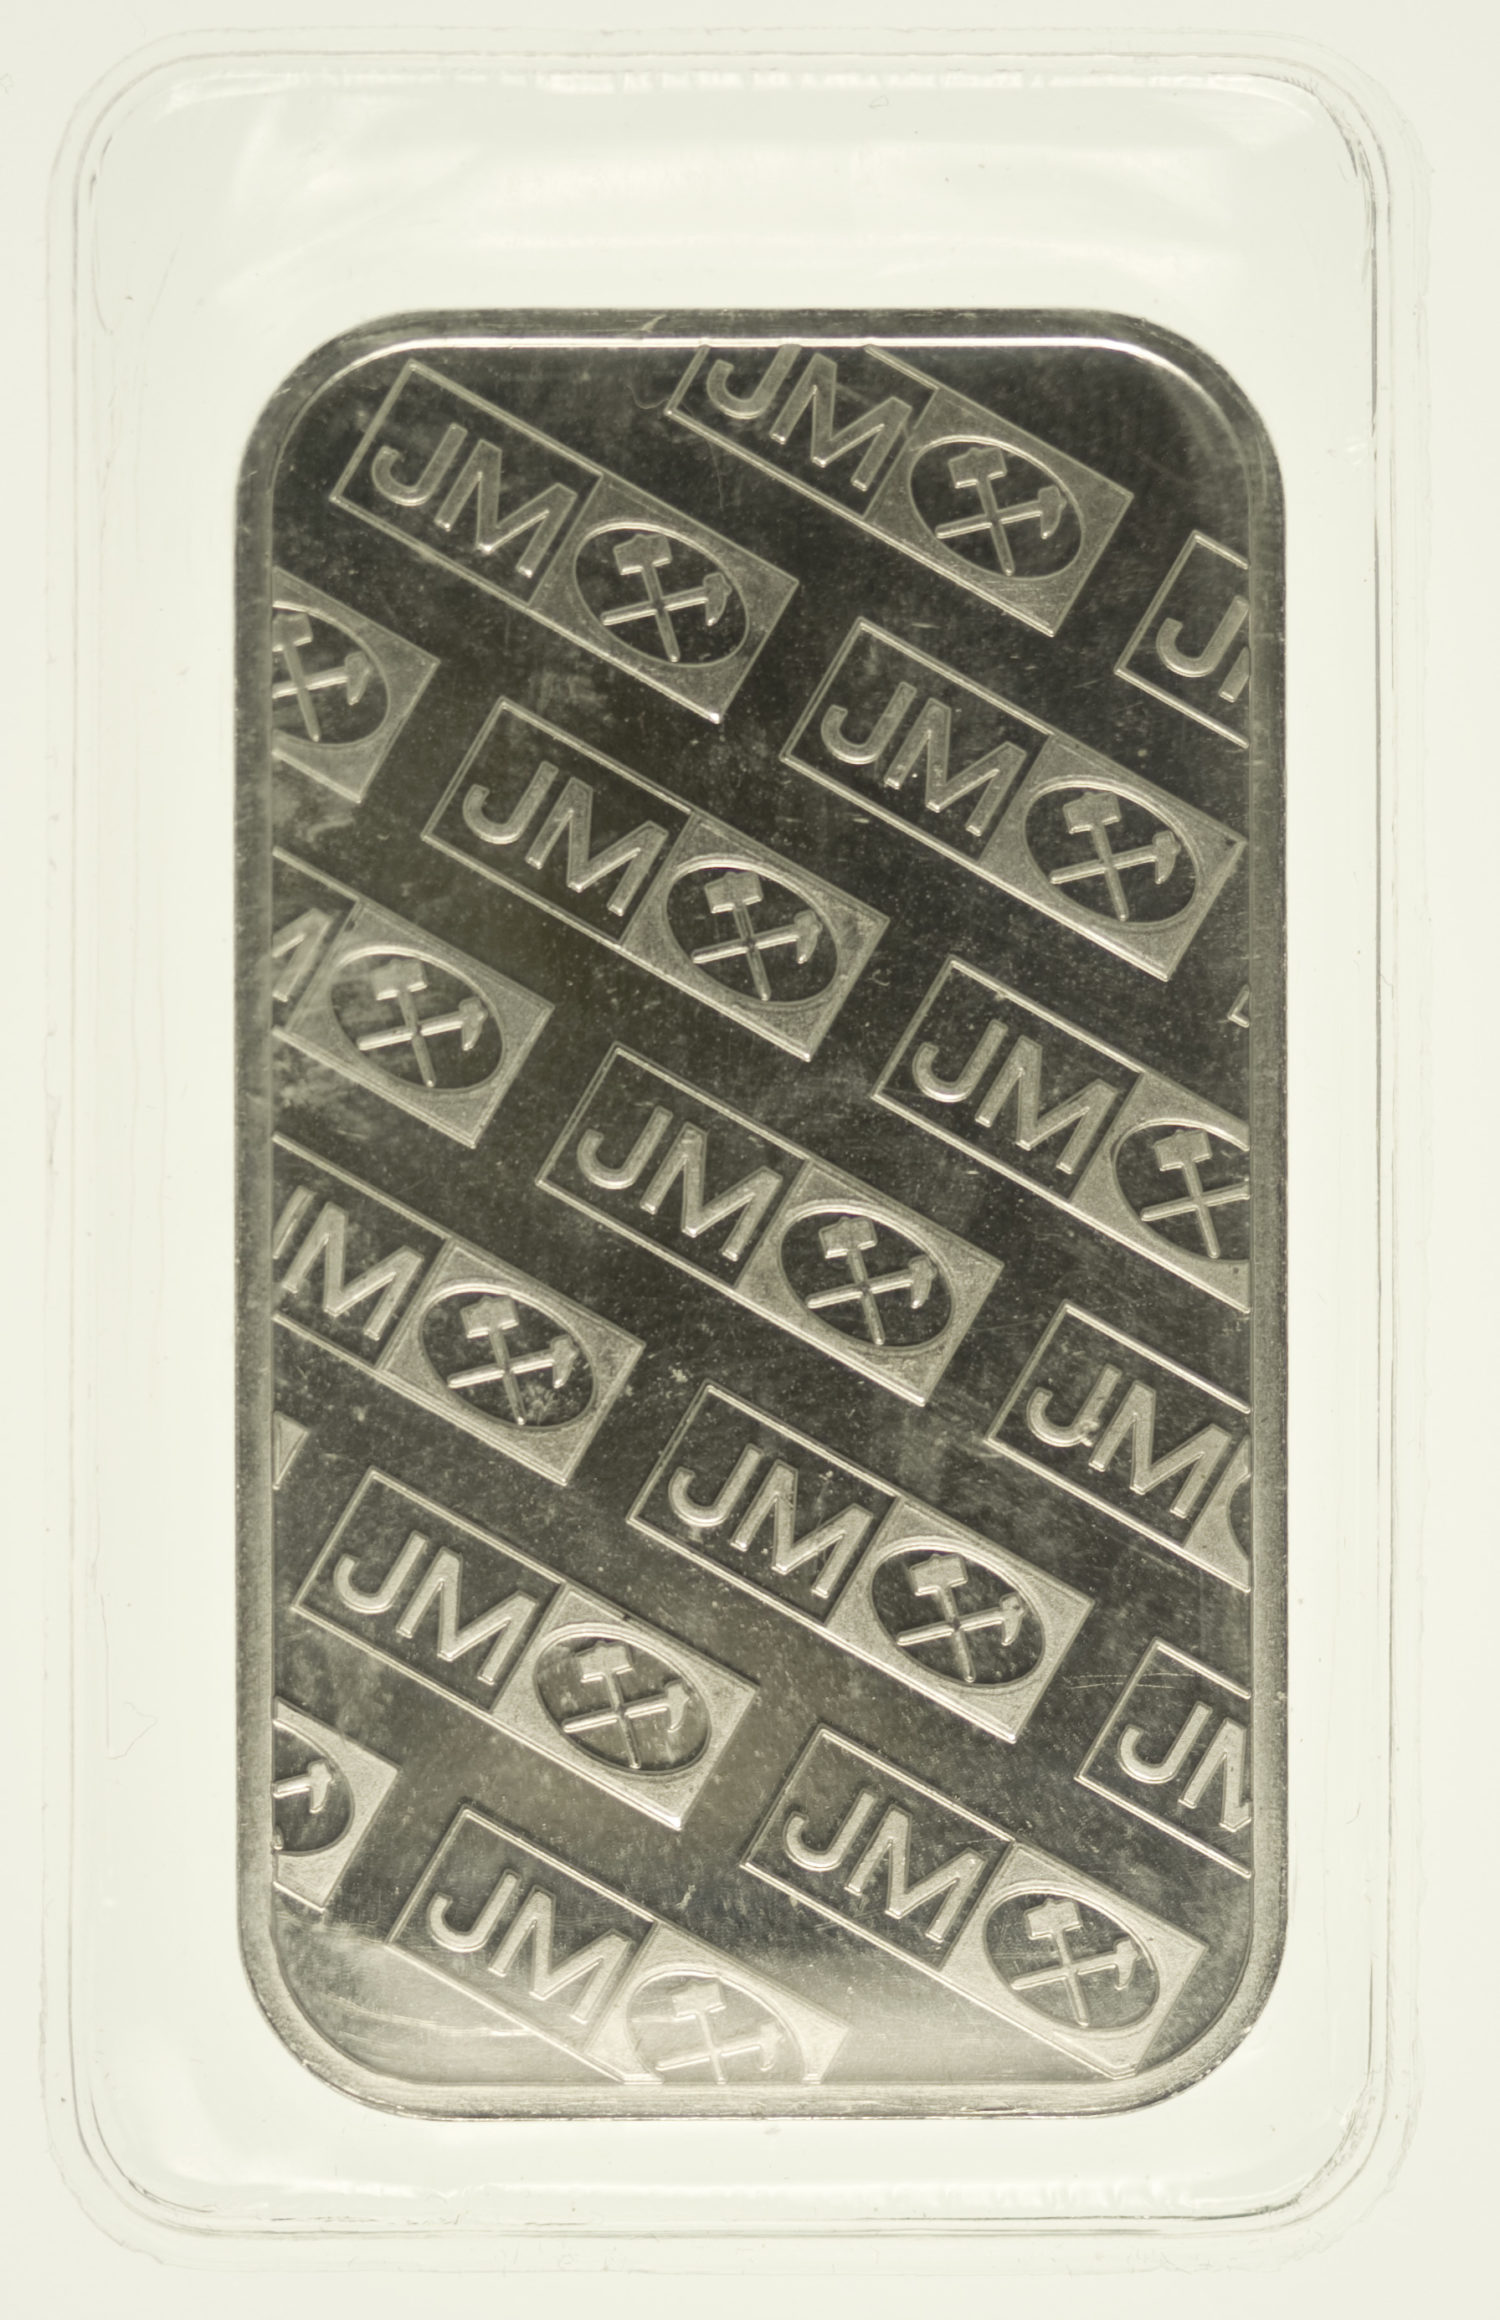 silberbarren - Silberbarren 1 Unze Johnson Matthey